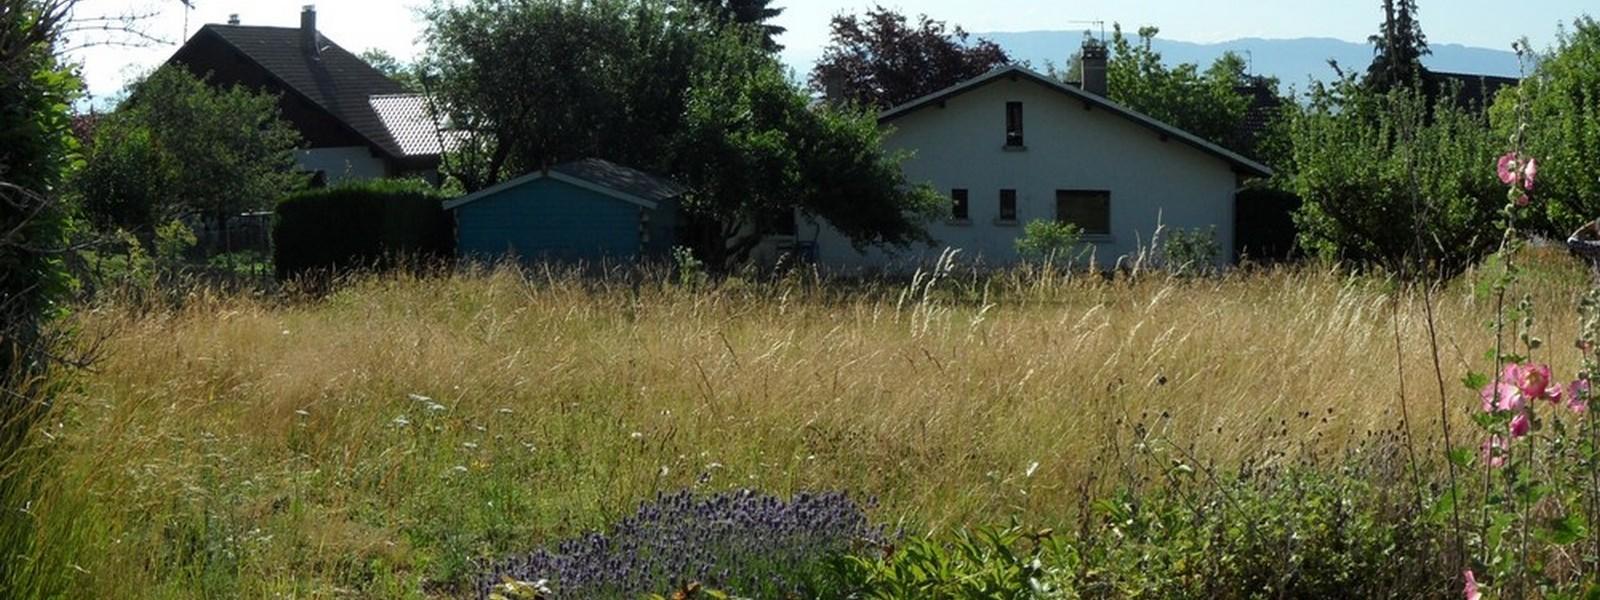 LES JARDINS D'EMERENTINE - Visuel 2 - Impact immobilier 01